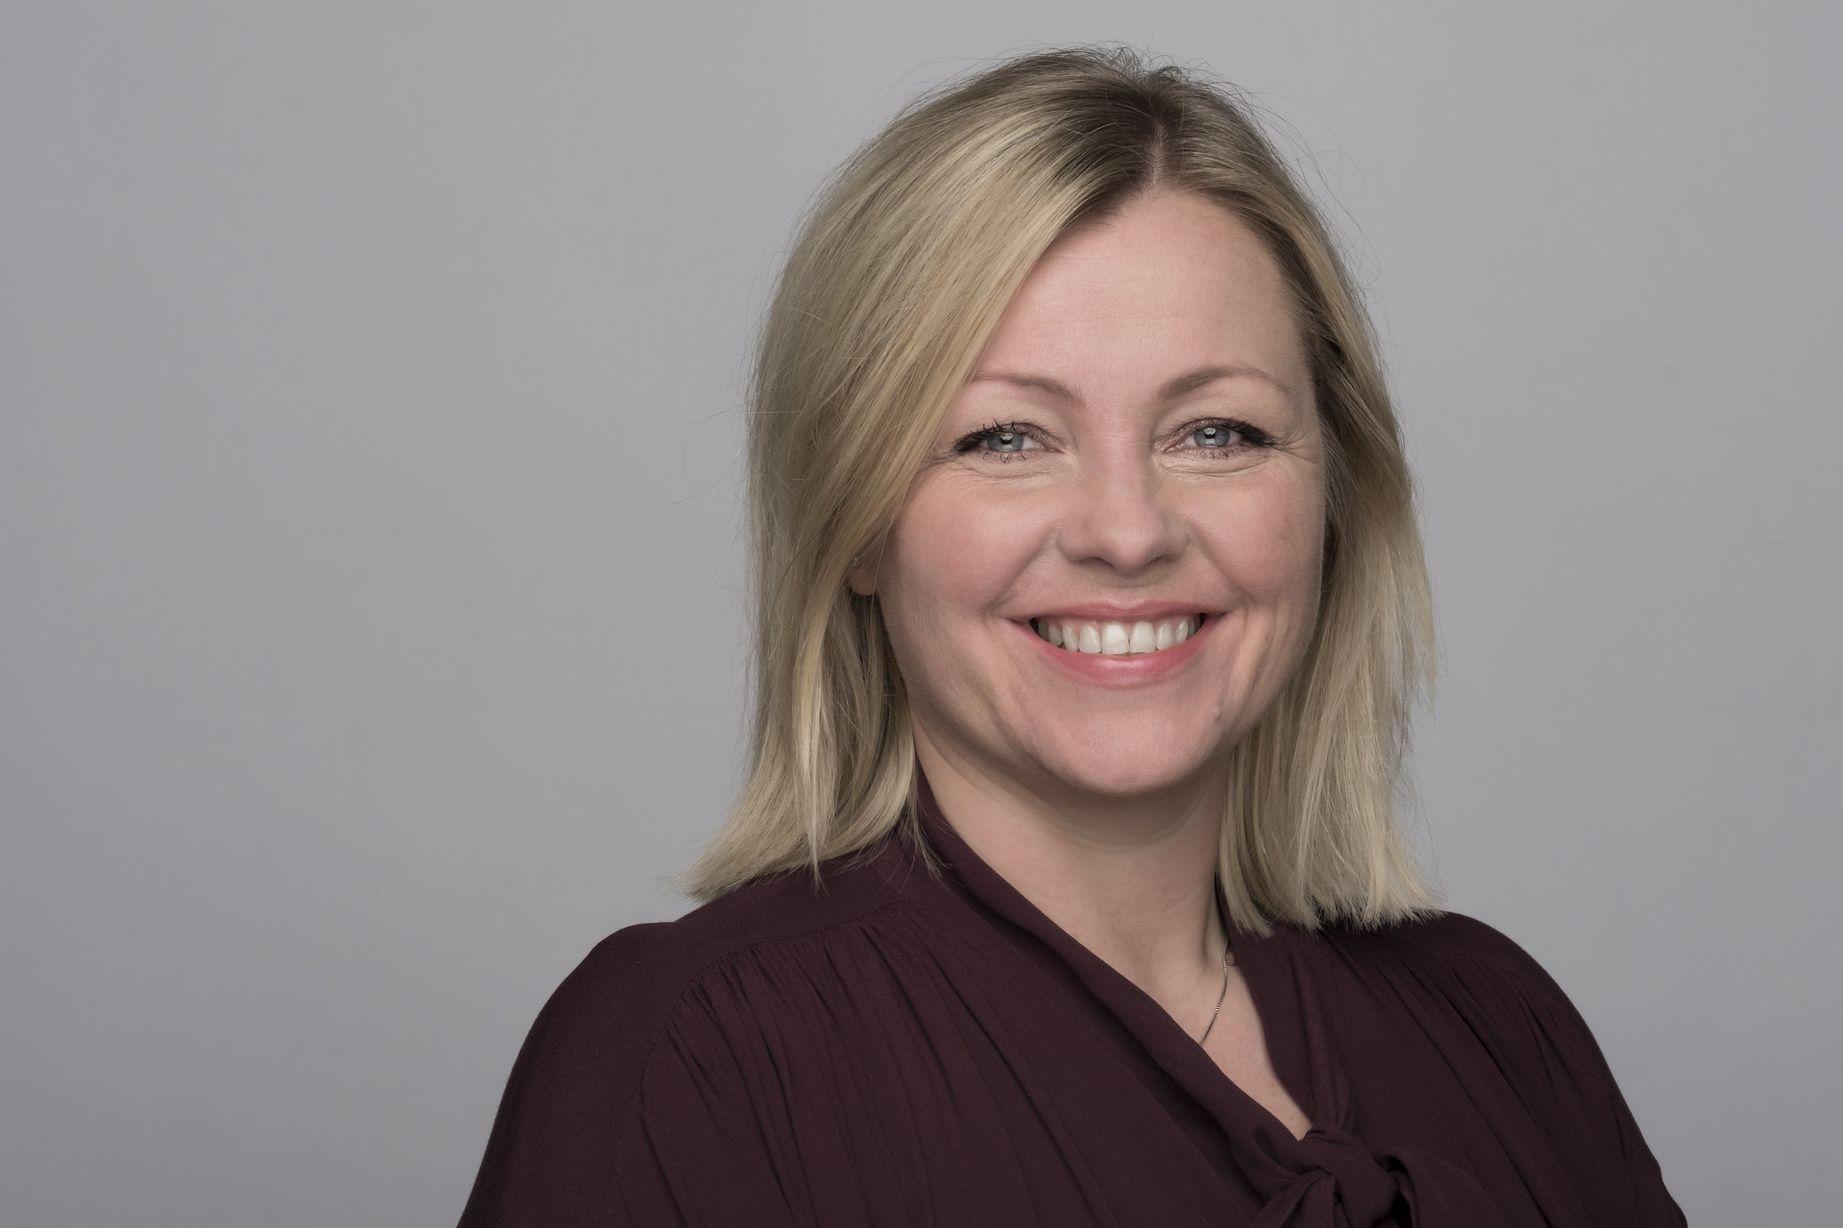 Partisekretær i Arbeiderpartiet, Kjersti Stenseng